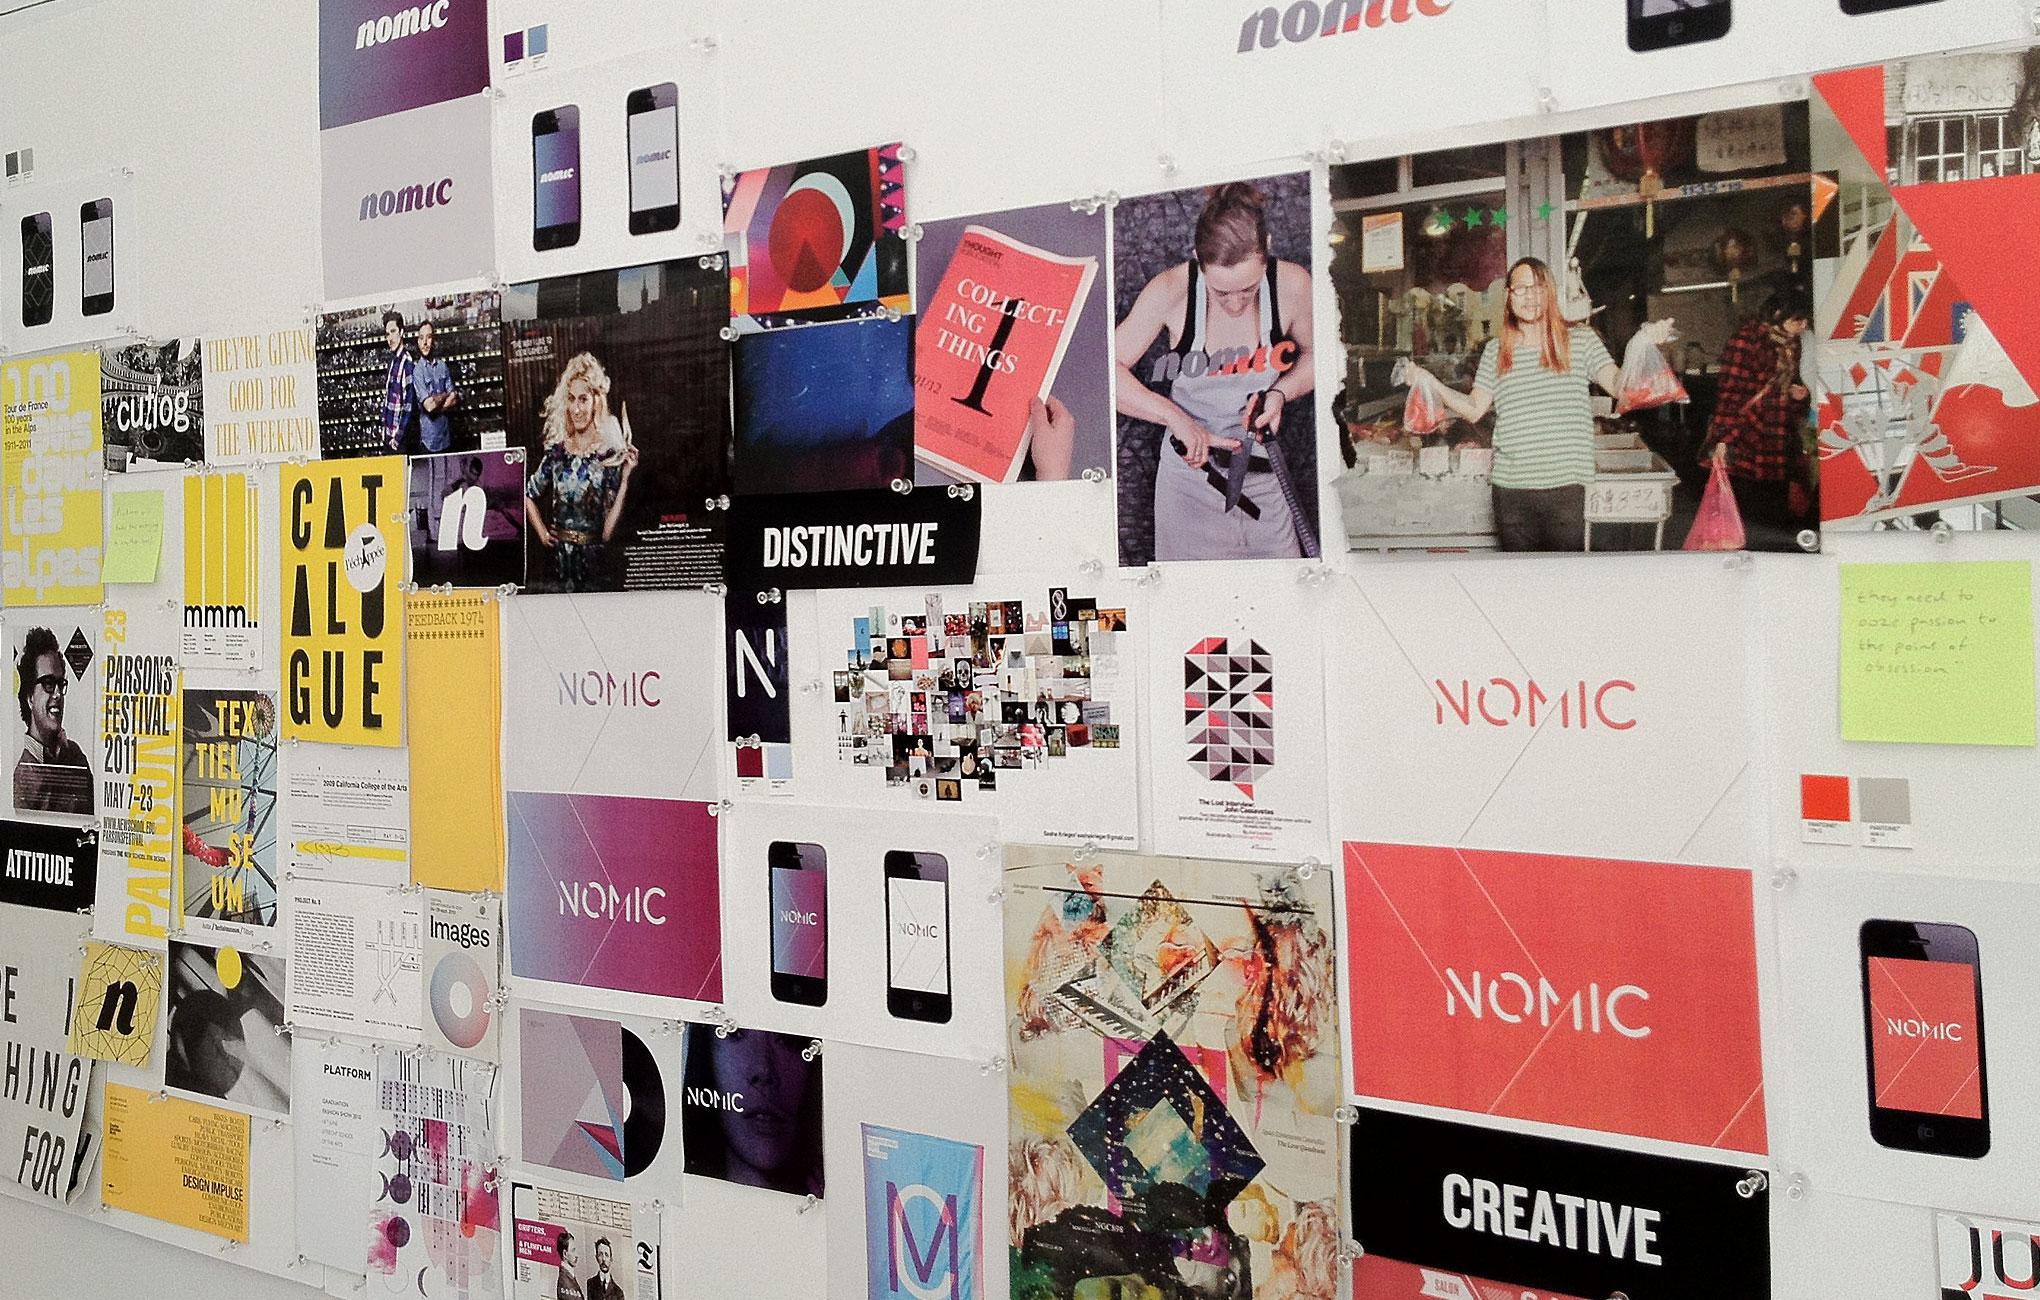 Nomic_moodboard_redindhi4.jpg